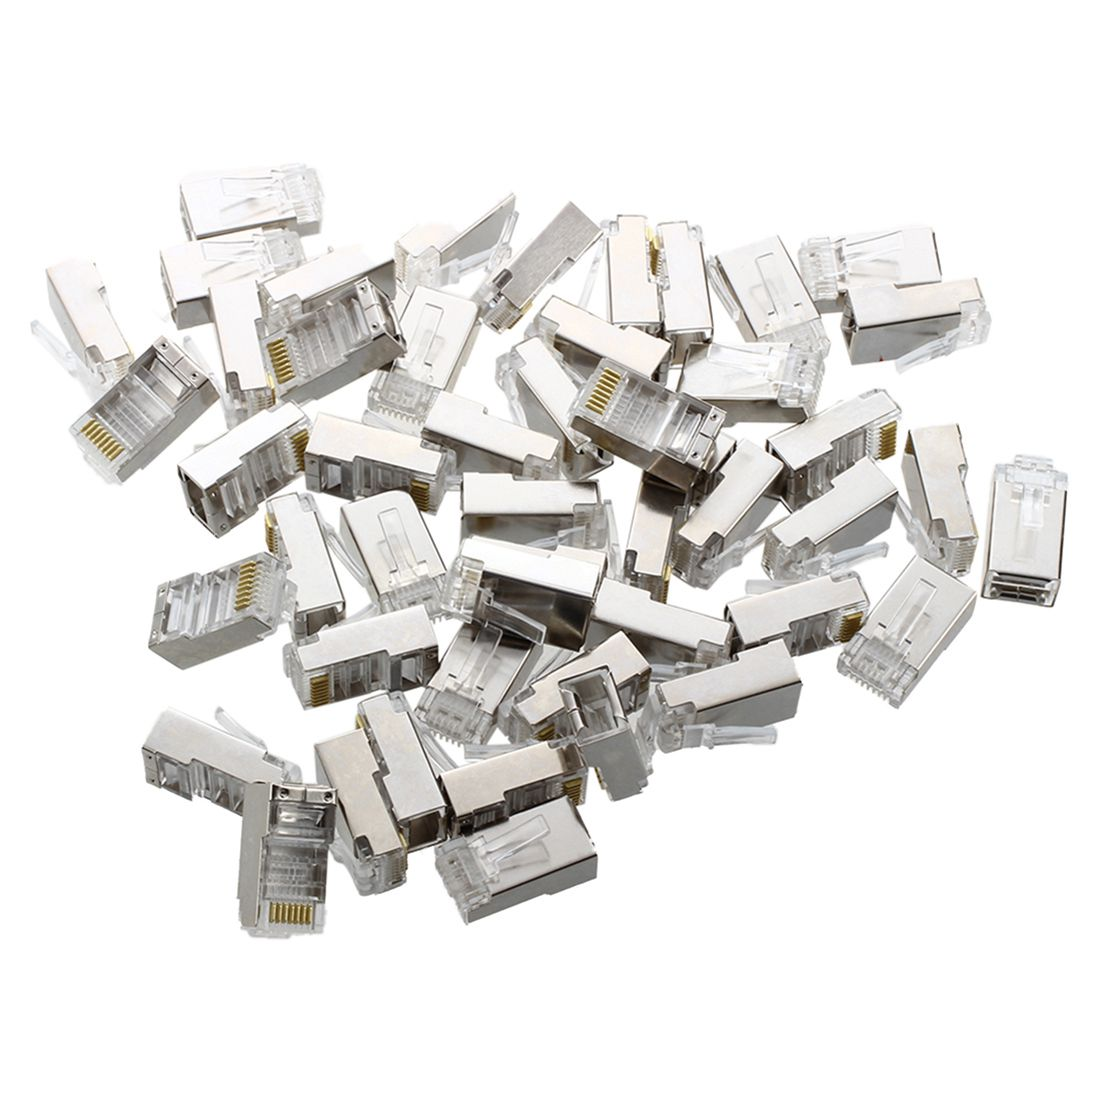 generic 50 pcs silver tone shielded rj45 8p8c network cable cat5 end plug [ 1100 x 1100 Pixel ]